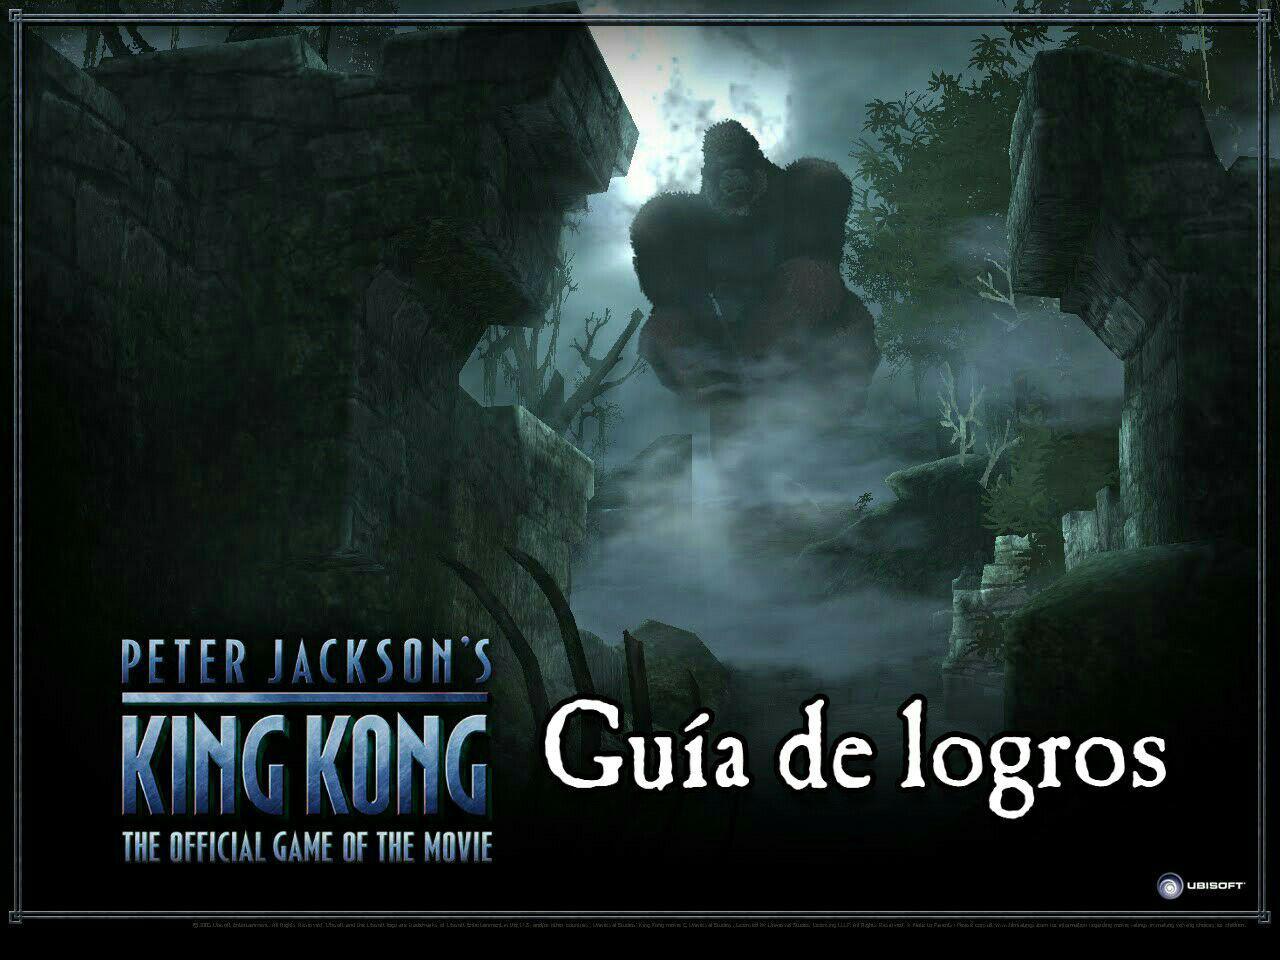 King Kong Guía